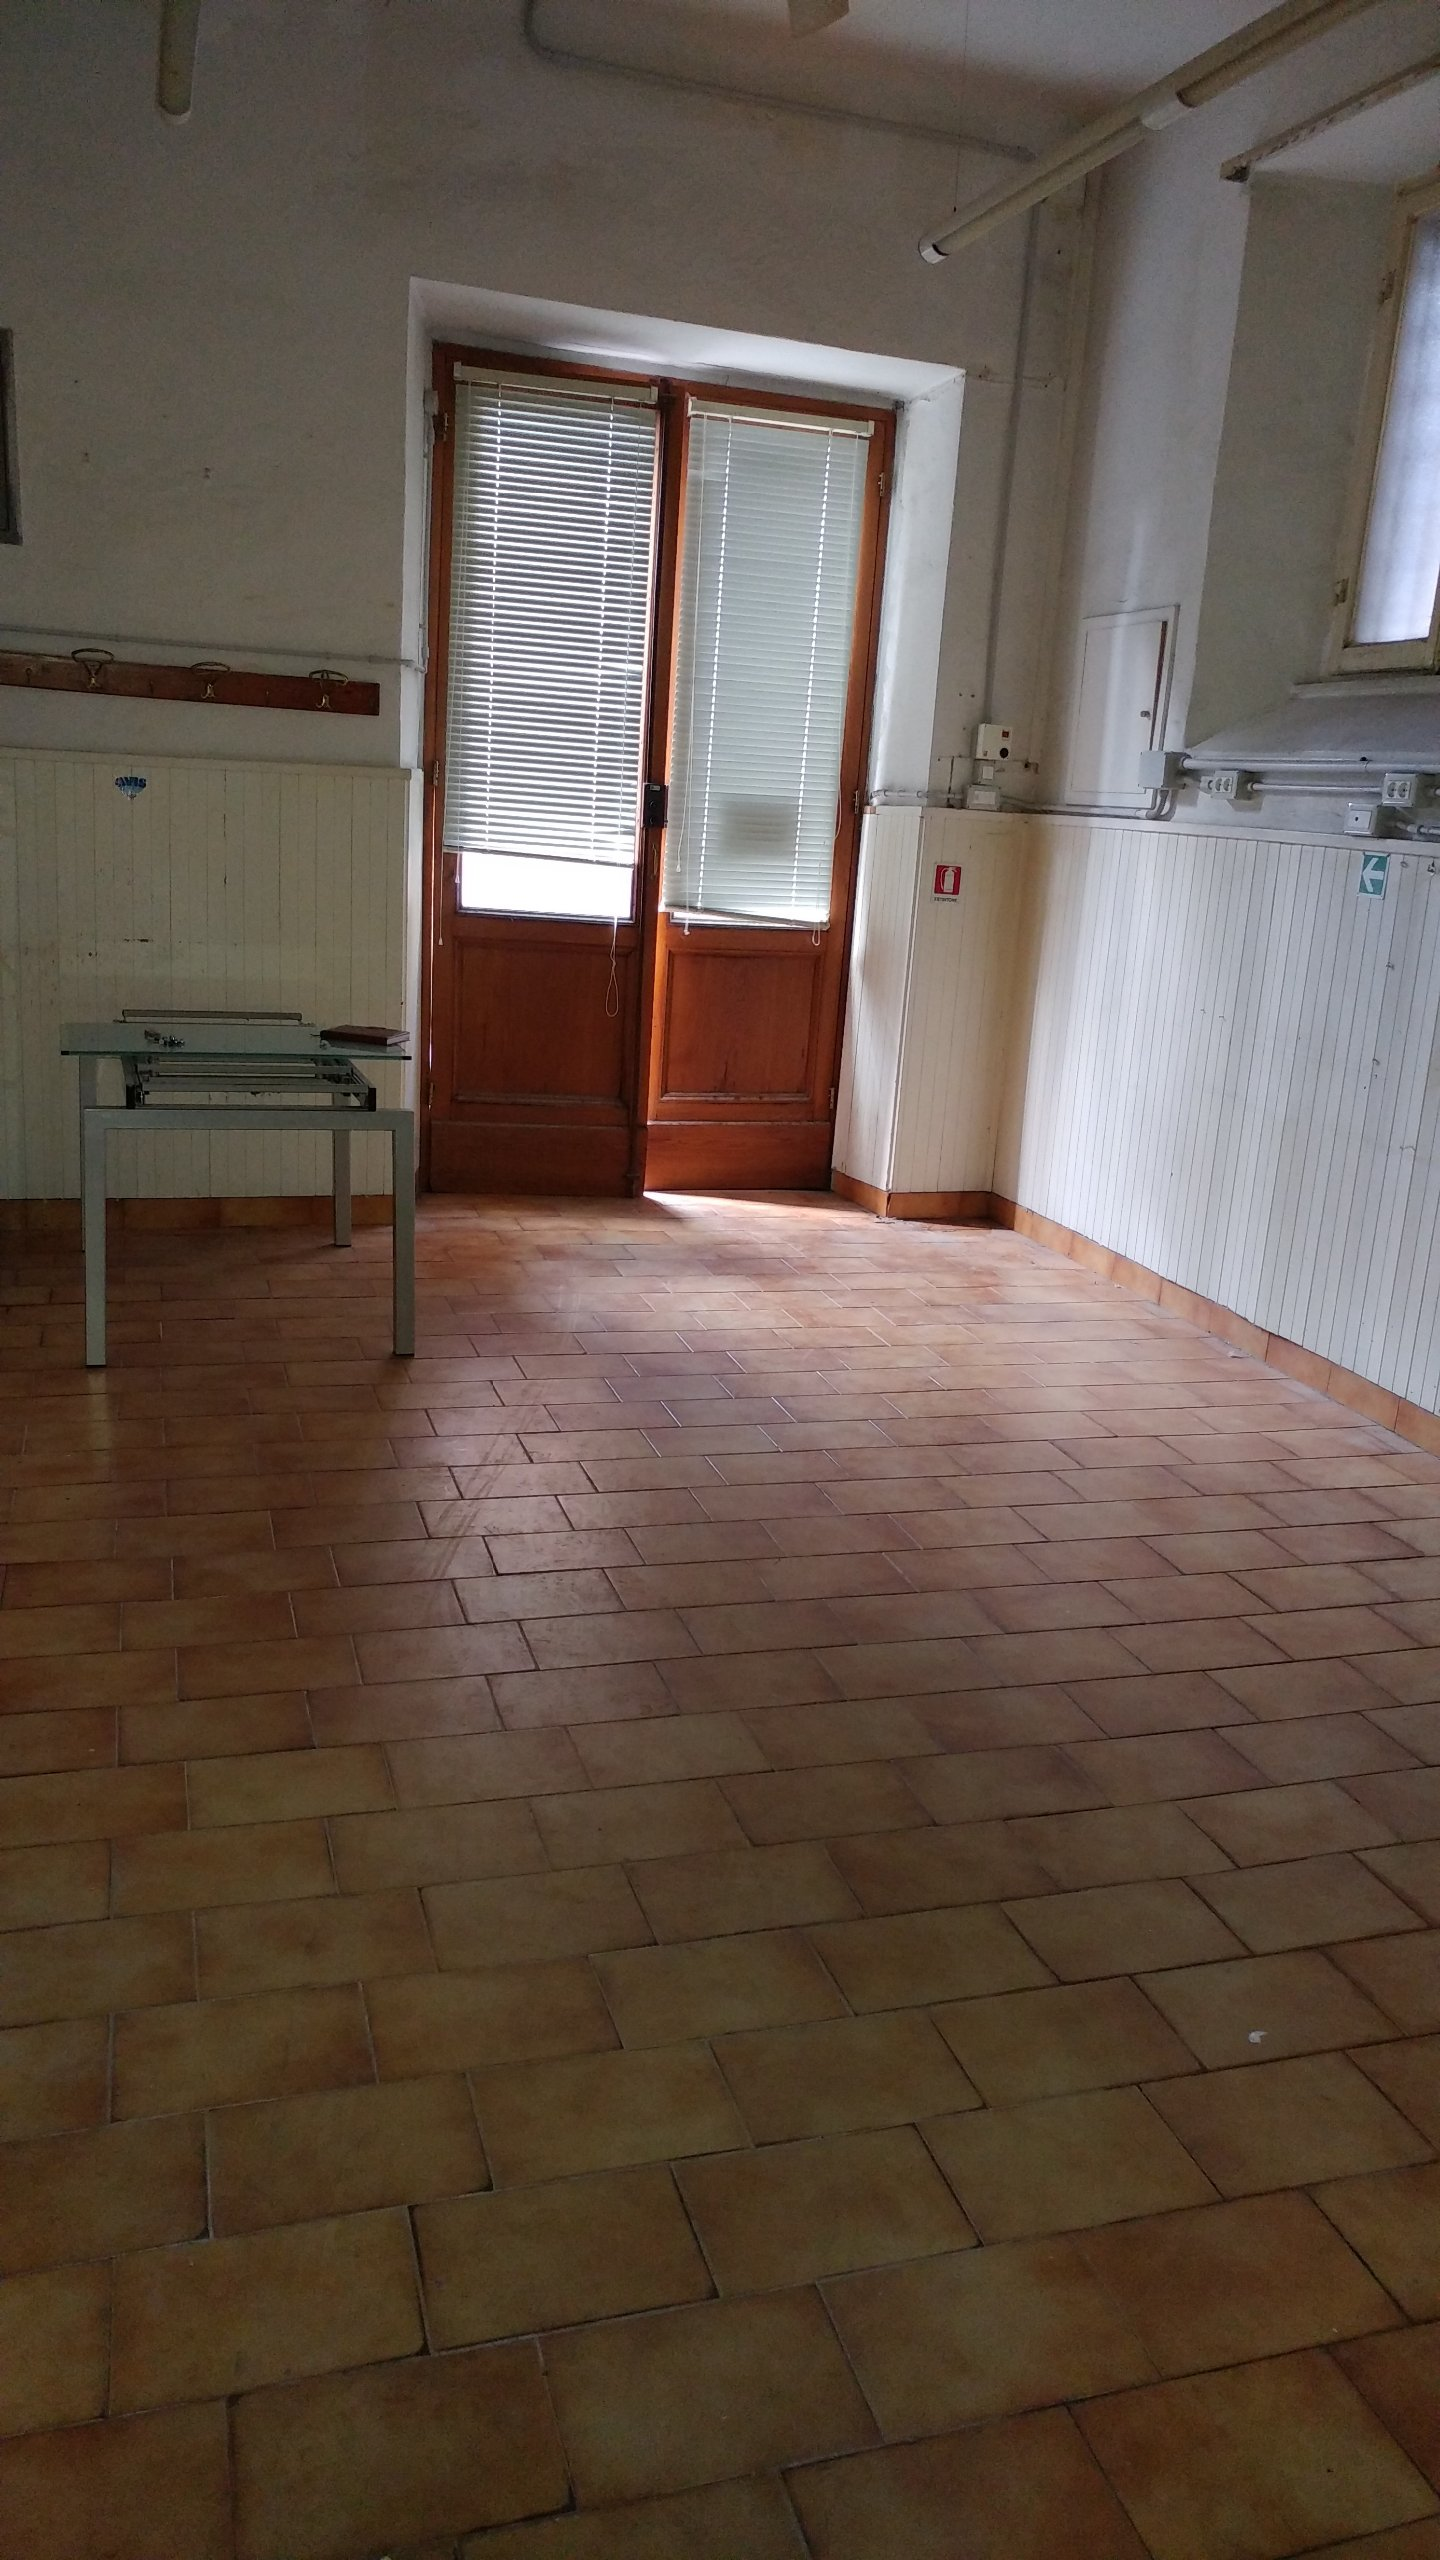 Negozio / Locale in affitto a Siena, 3 locali, prezzo € 750 | CambioCasa.it